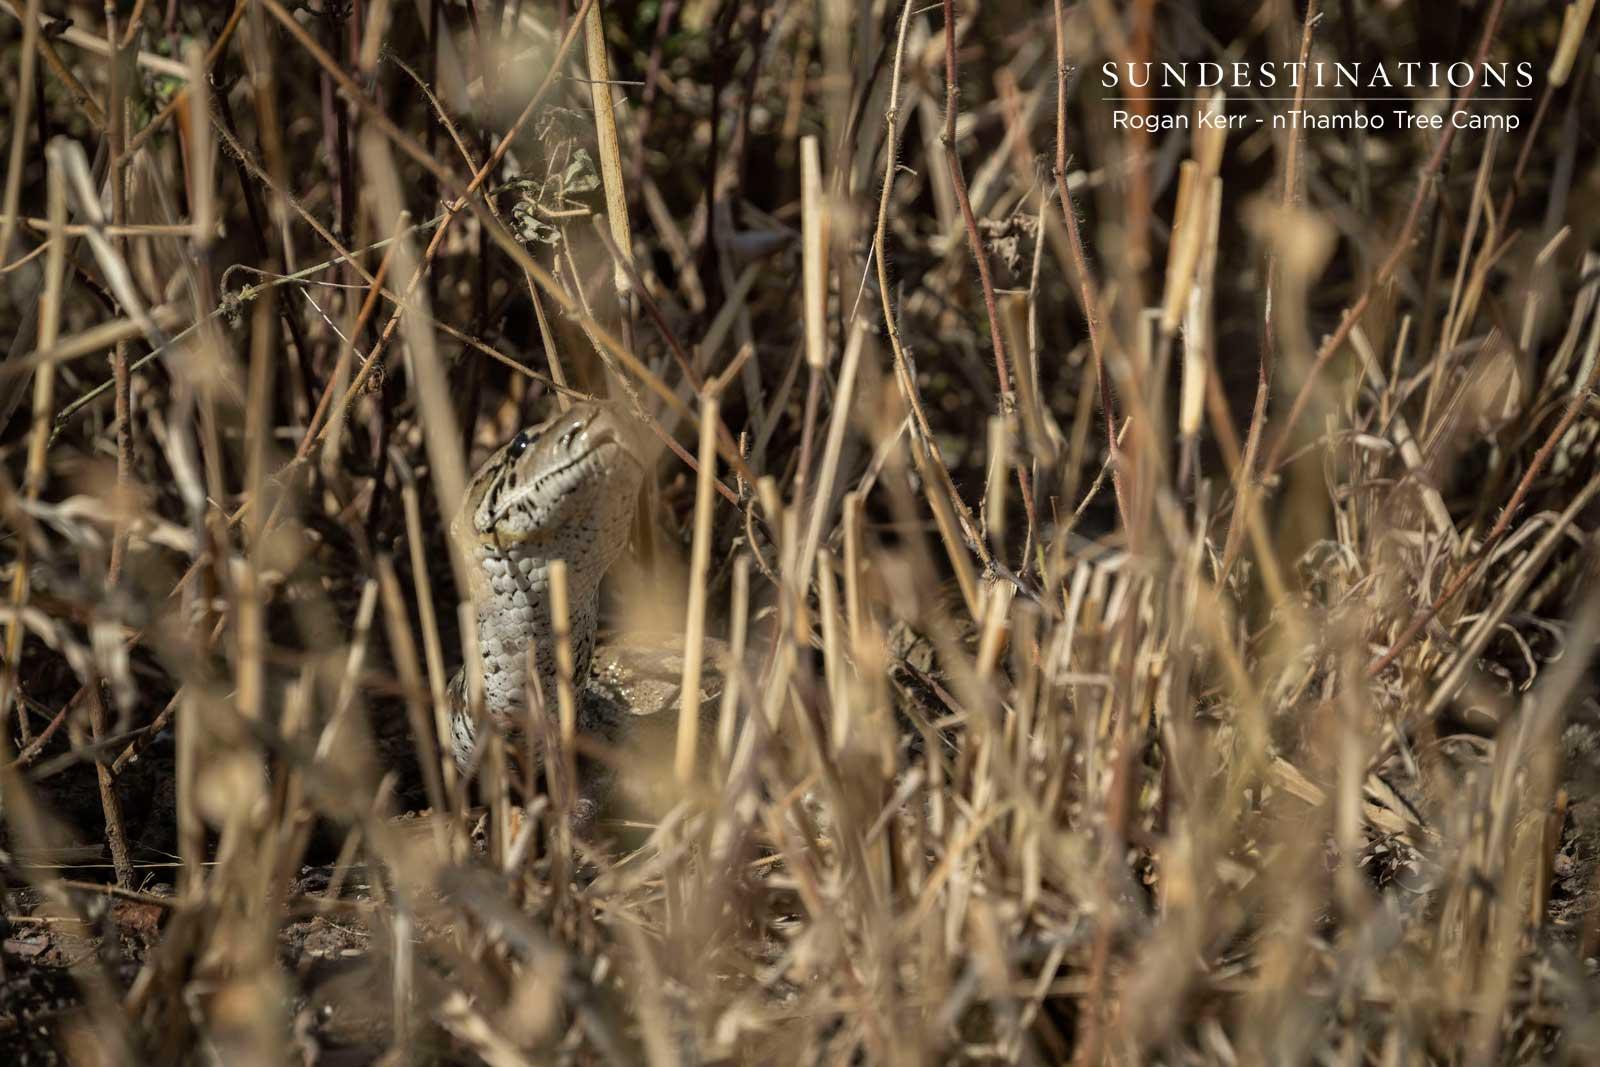 Rock Python at nThambo